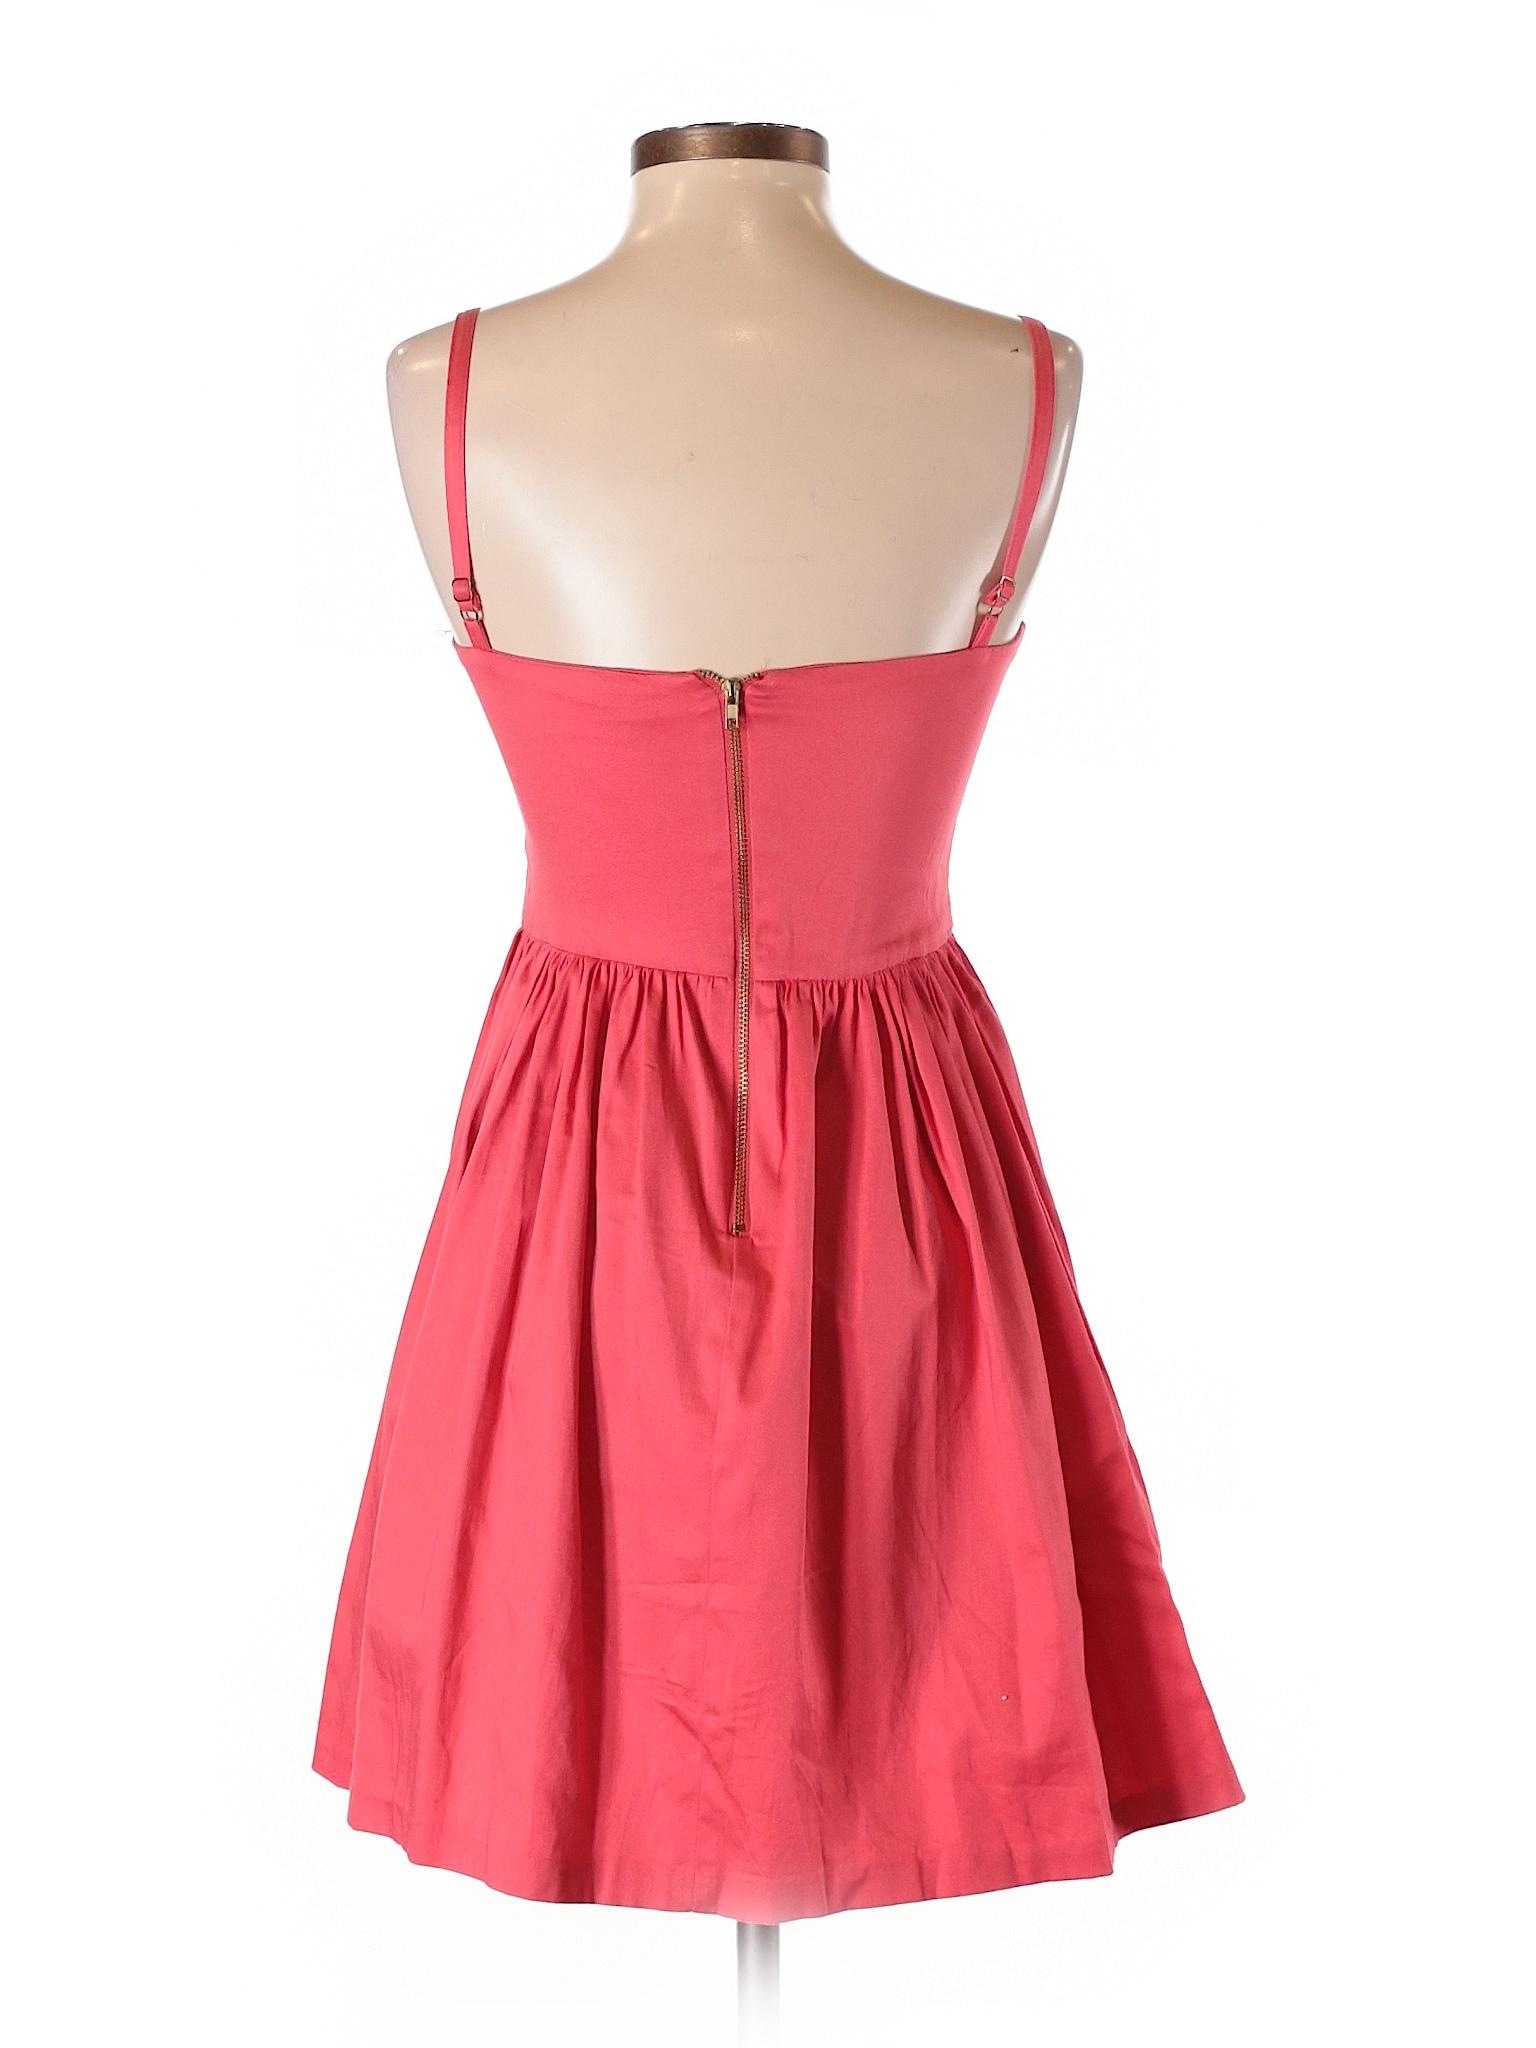 Selling Casual Dress Selling Dress Selling Casual Aqua Aqua q71tP